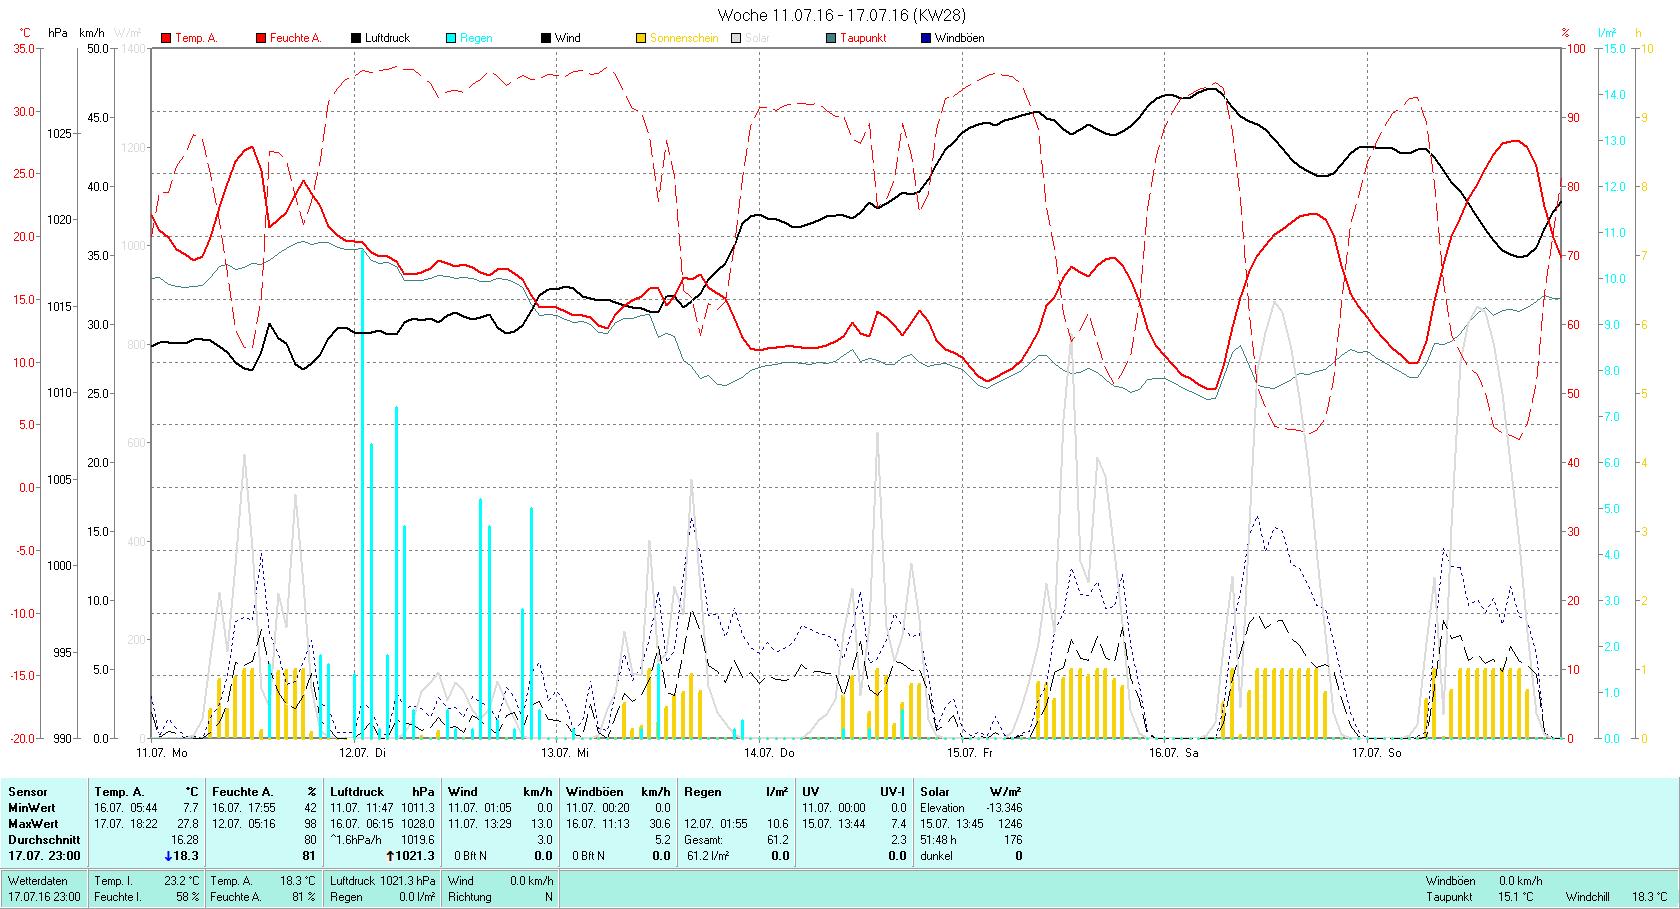 KW 28 Tmin 7.7°C, Tmax 27.8°C, Sonne 51:48h, Niederschlag 61.2mm/2